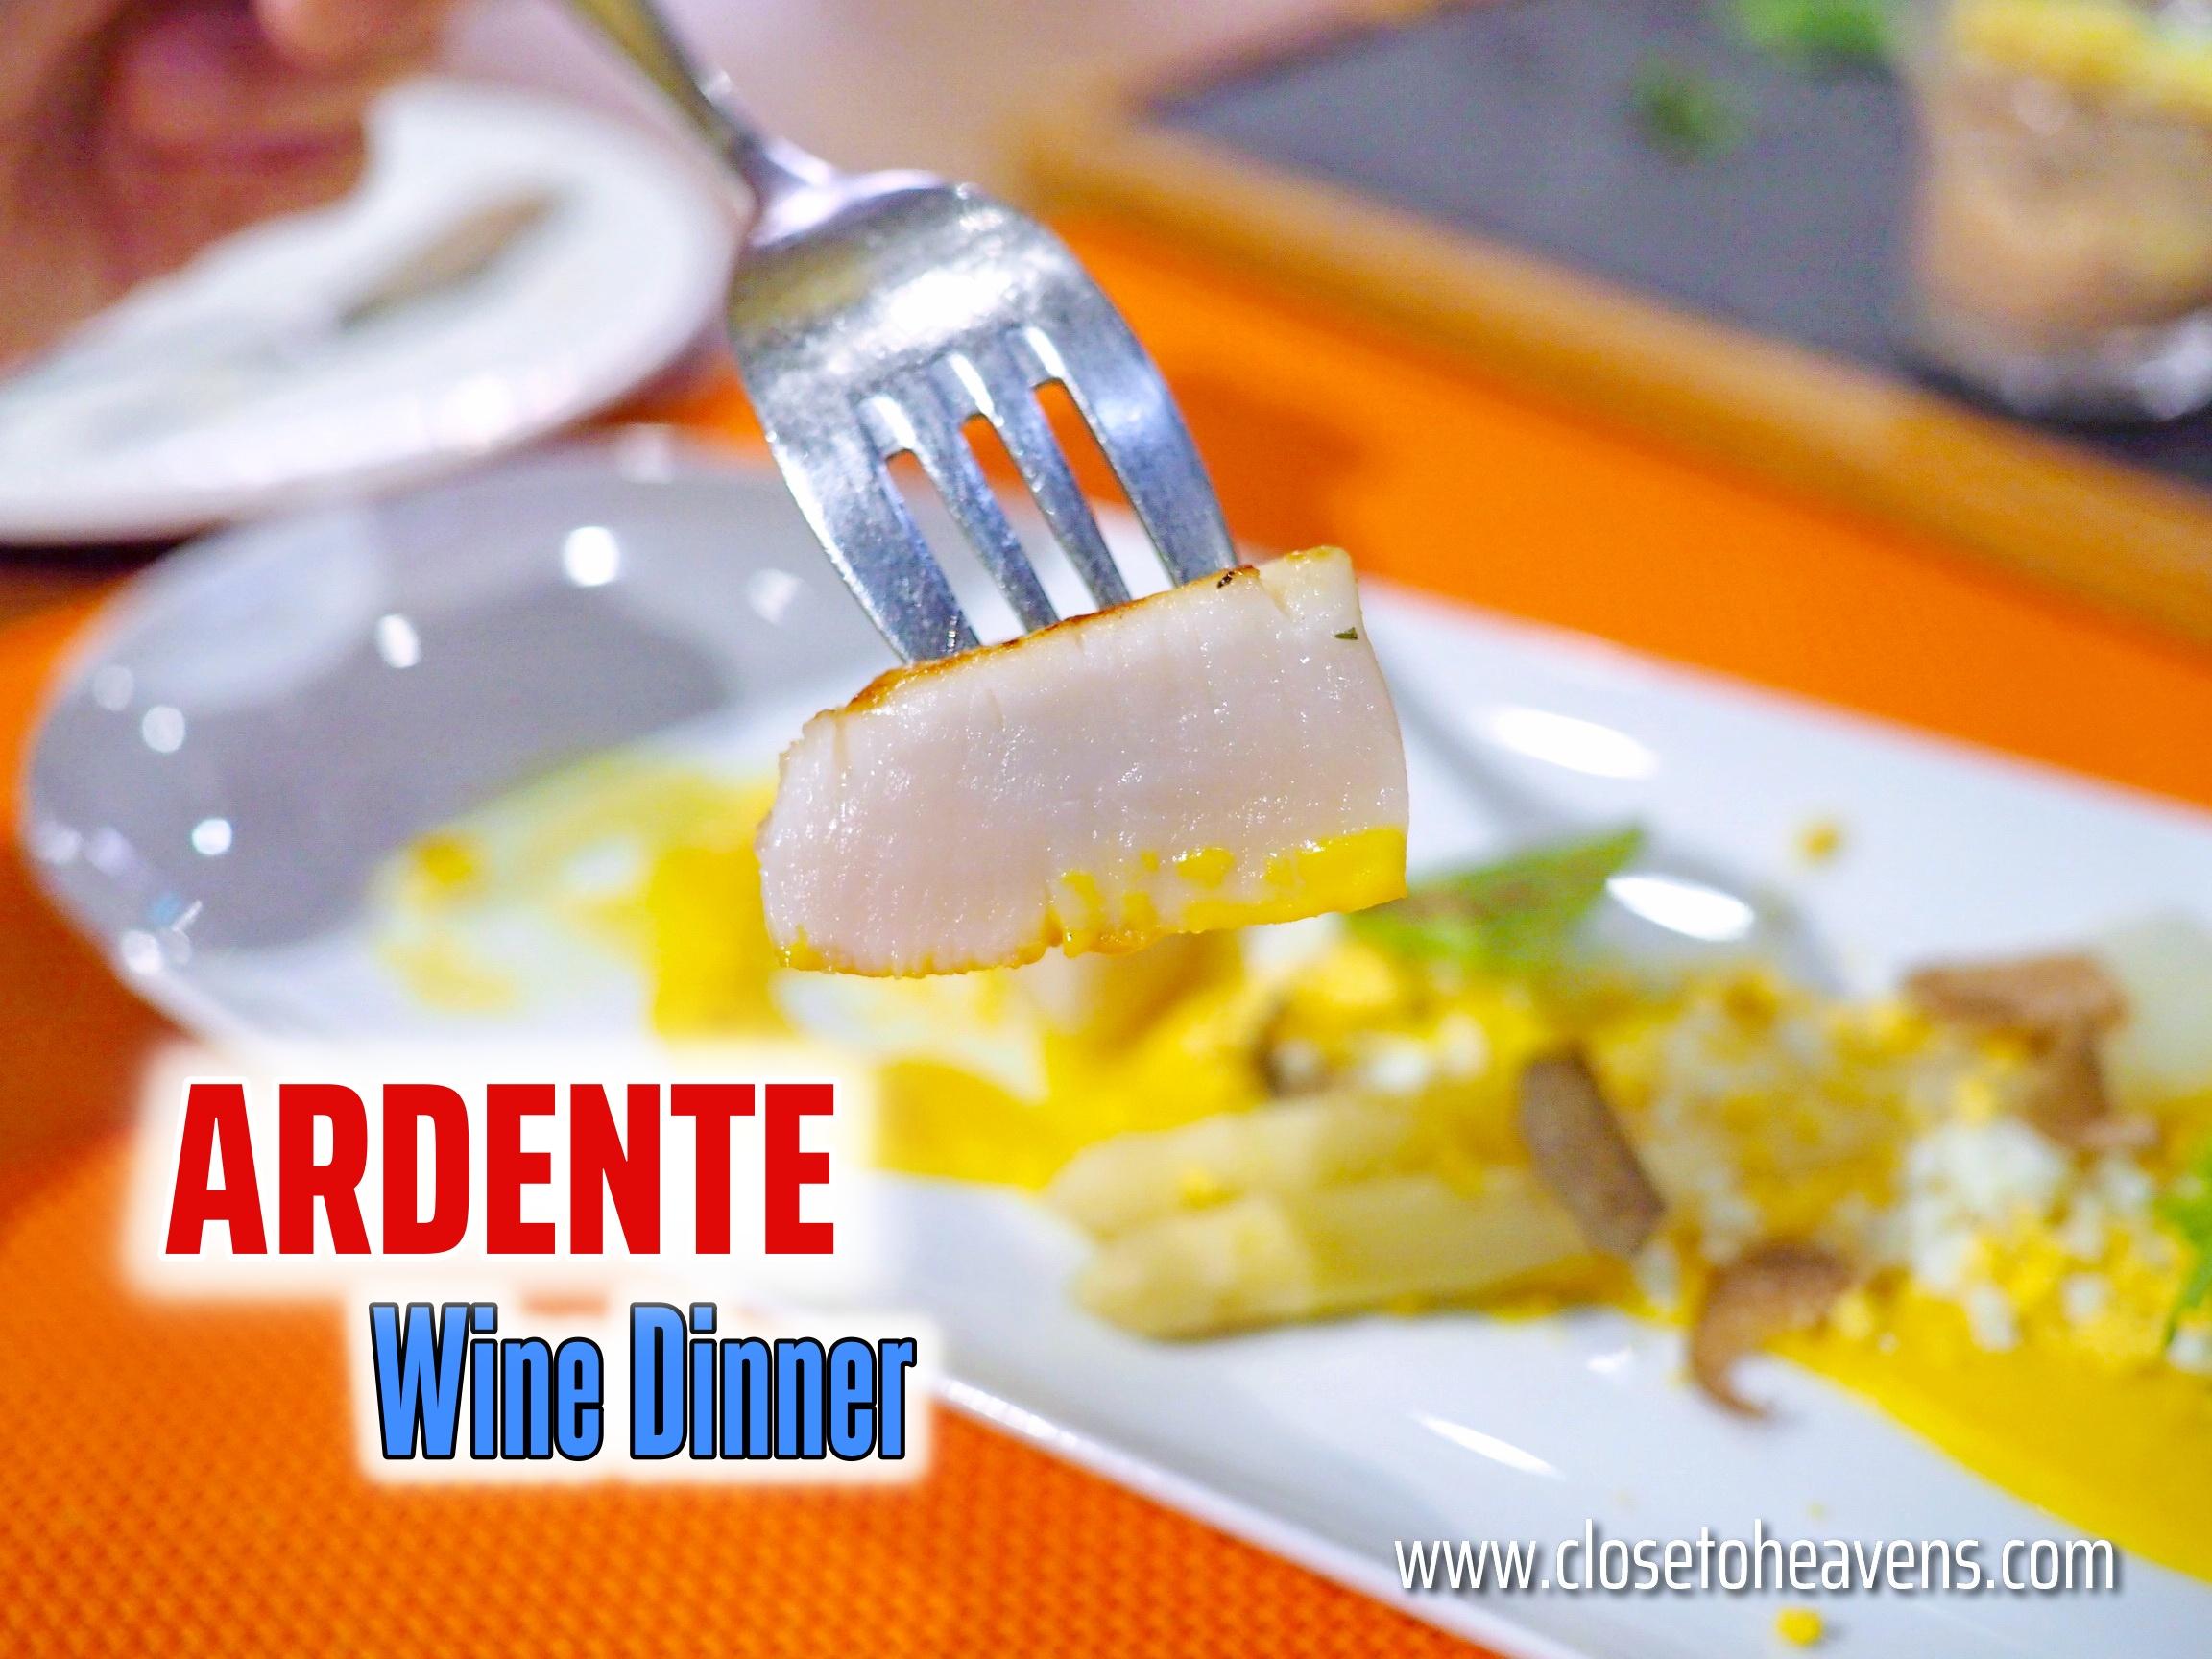 Ardente Il Ristorante Italiano   Wine Dinner